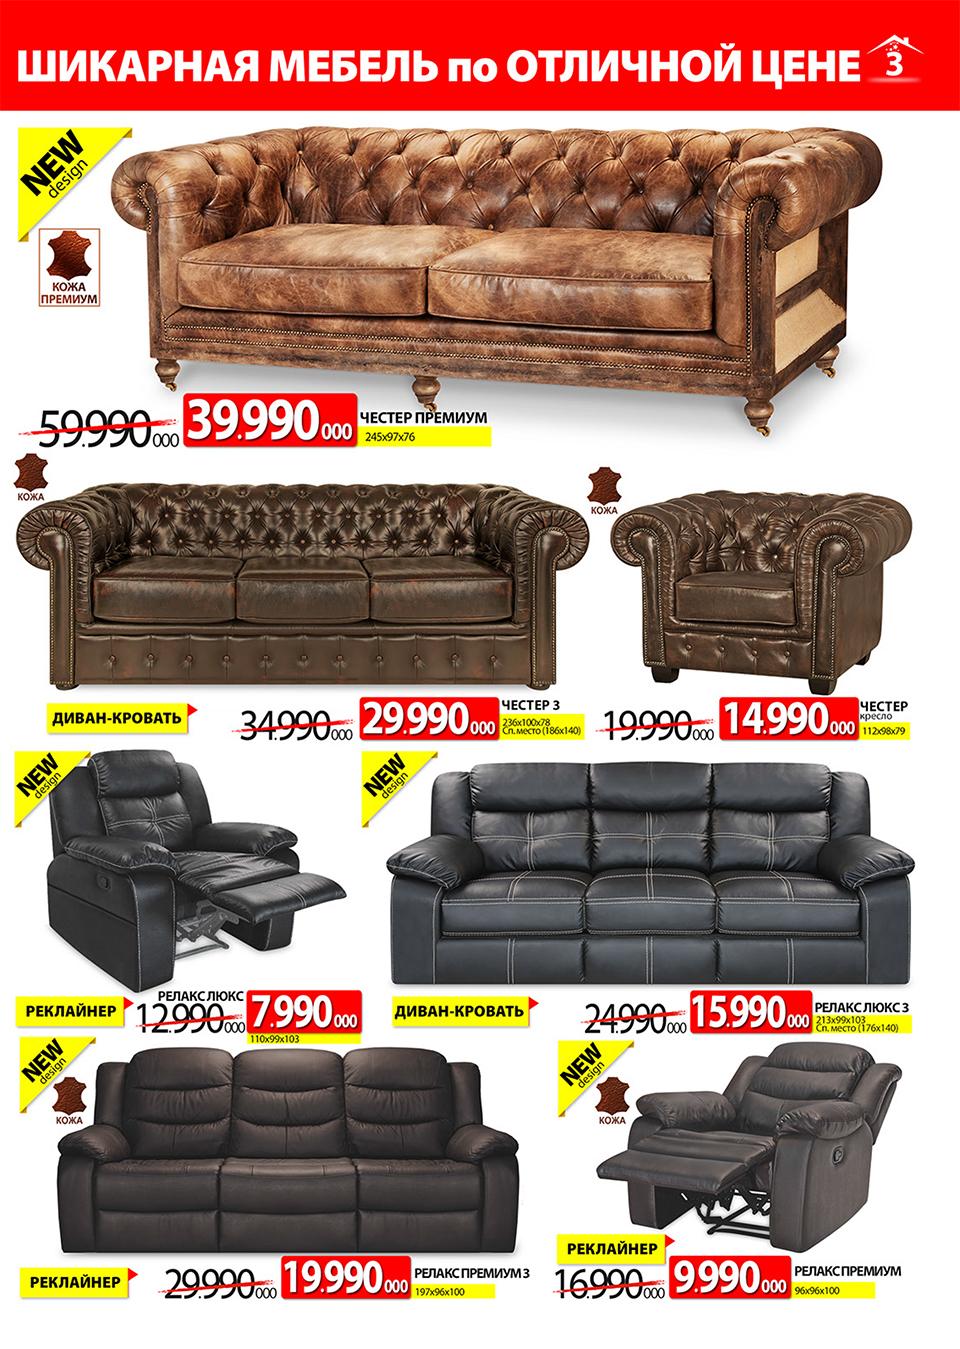 мебель лагуна в гродно с ценами и фото